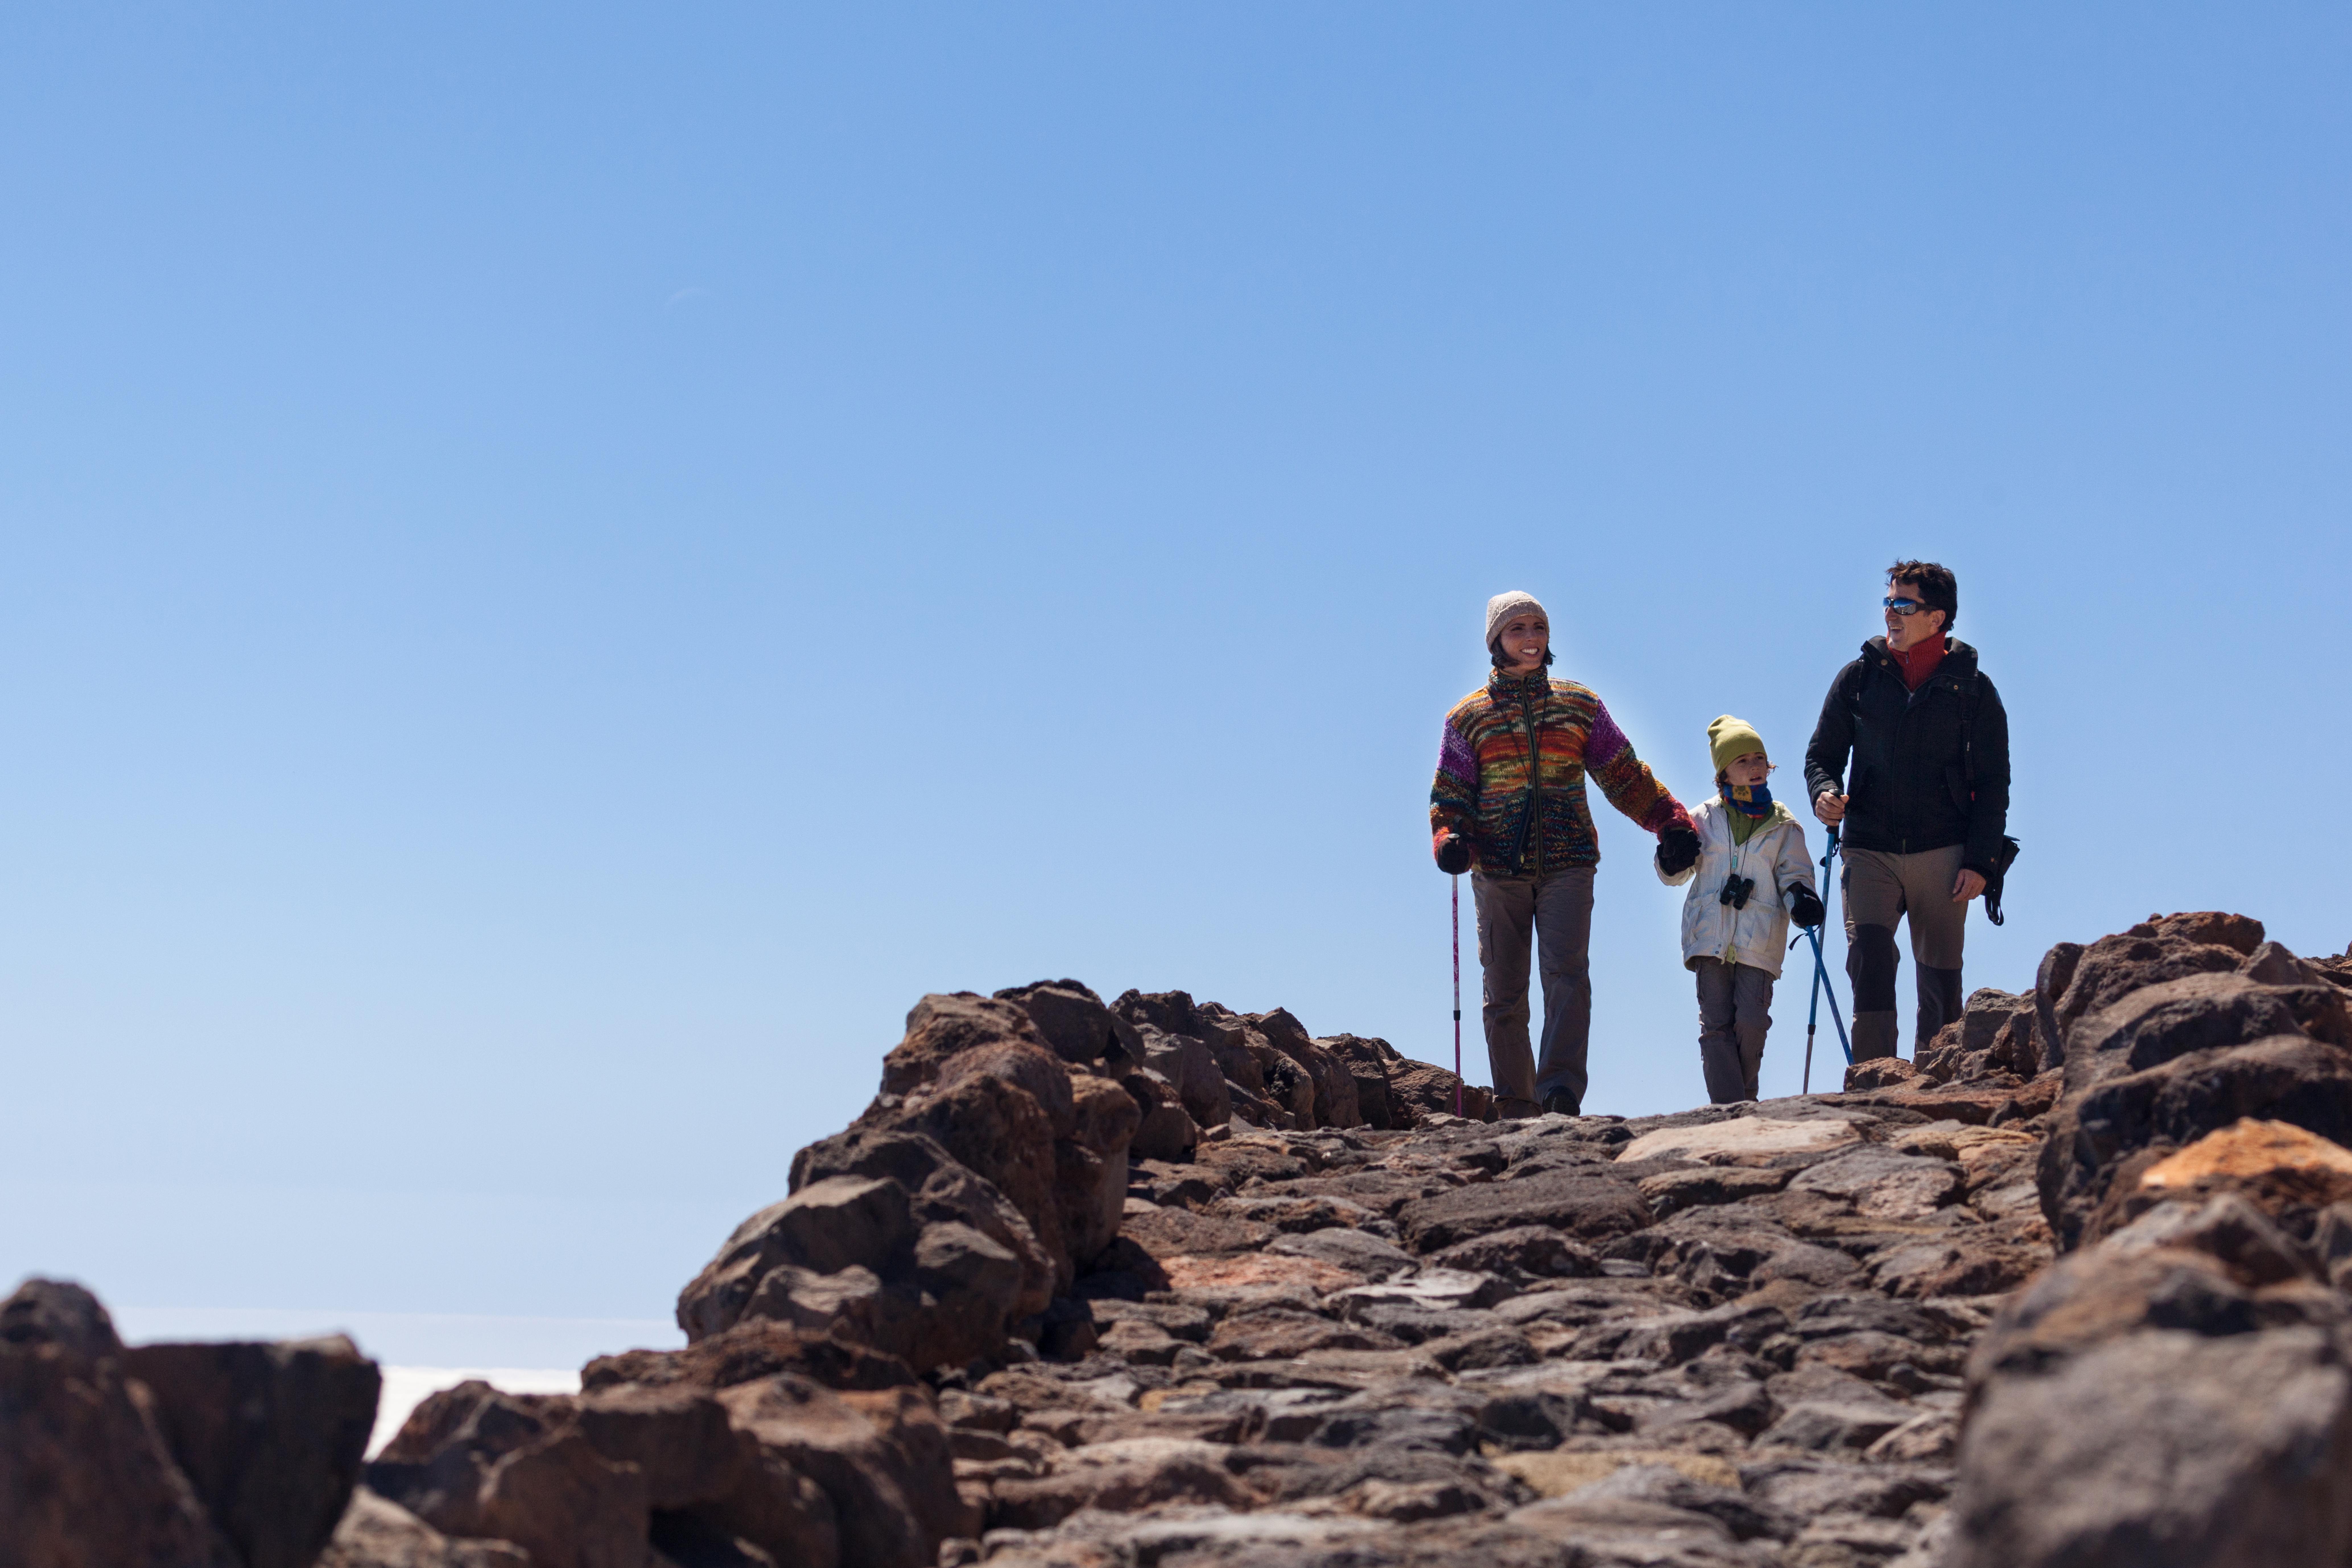 Przyjedź na Teide z dziećmi i korzystaj z atrakcji z rodziną